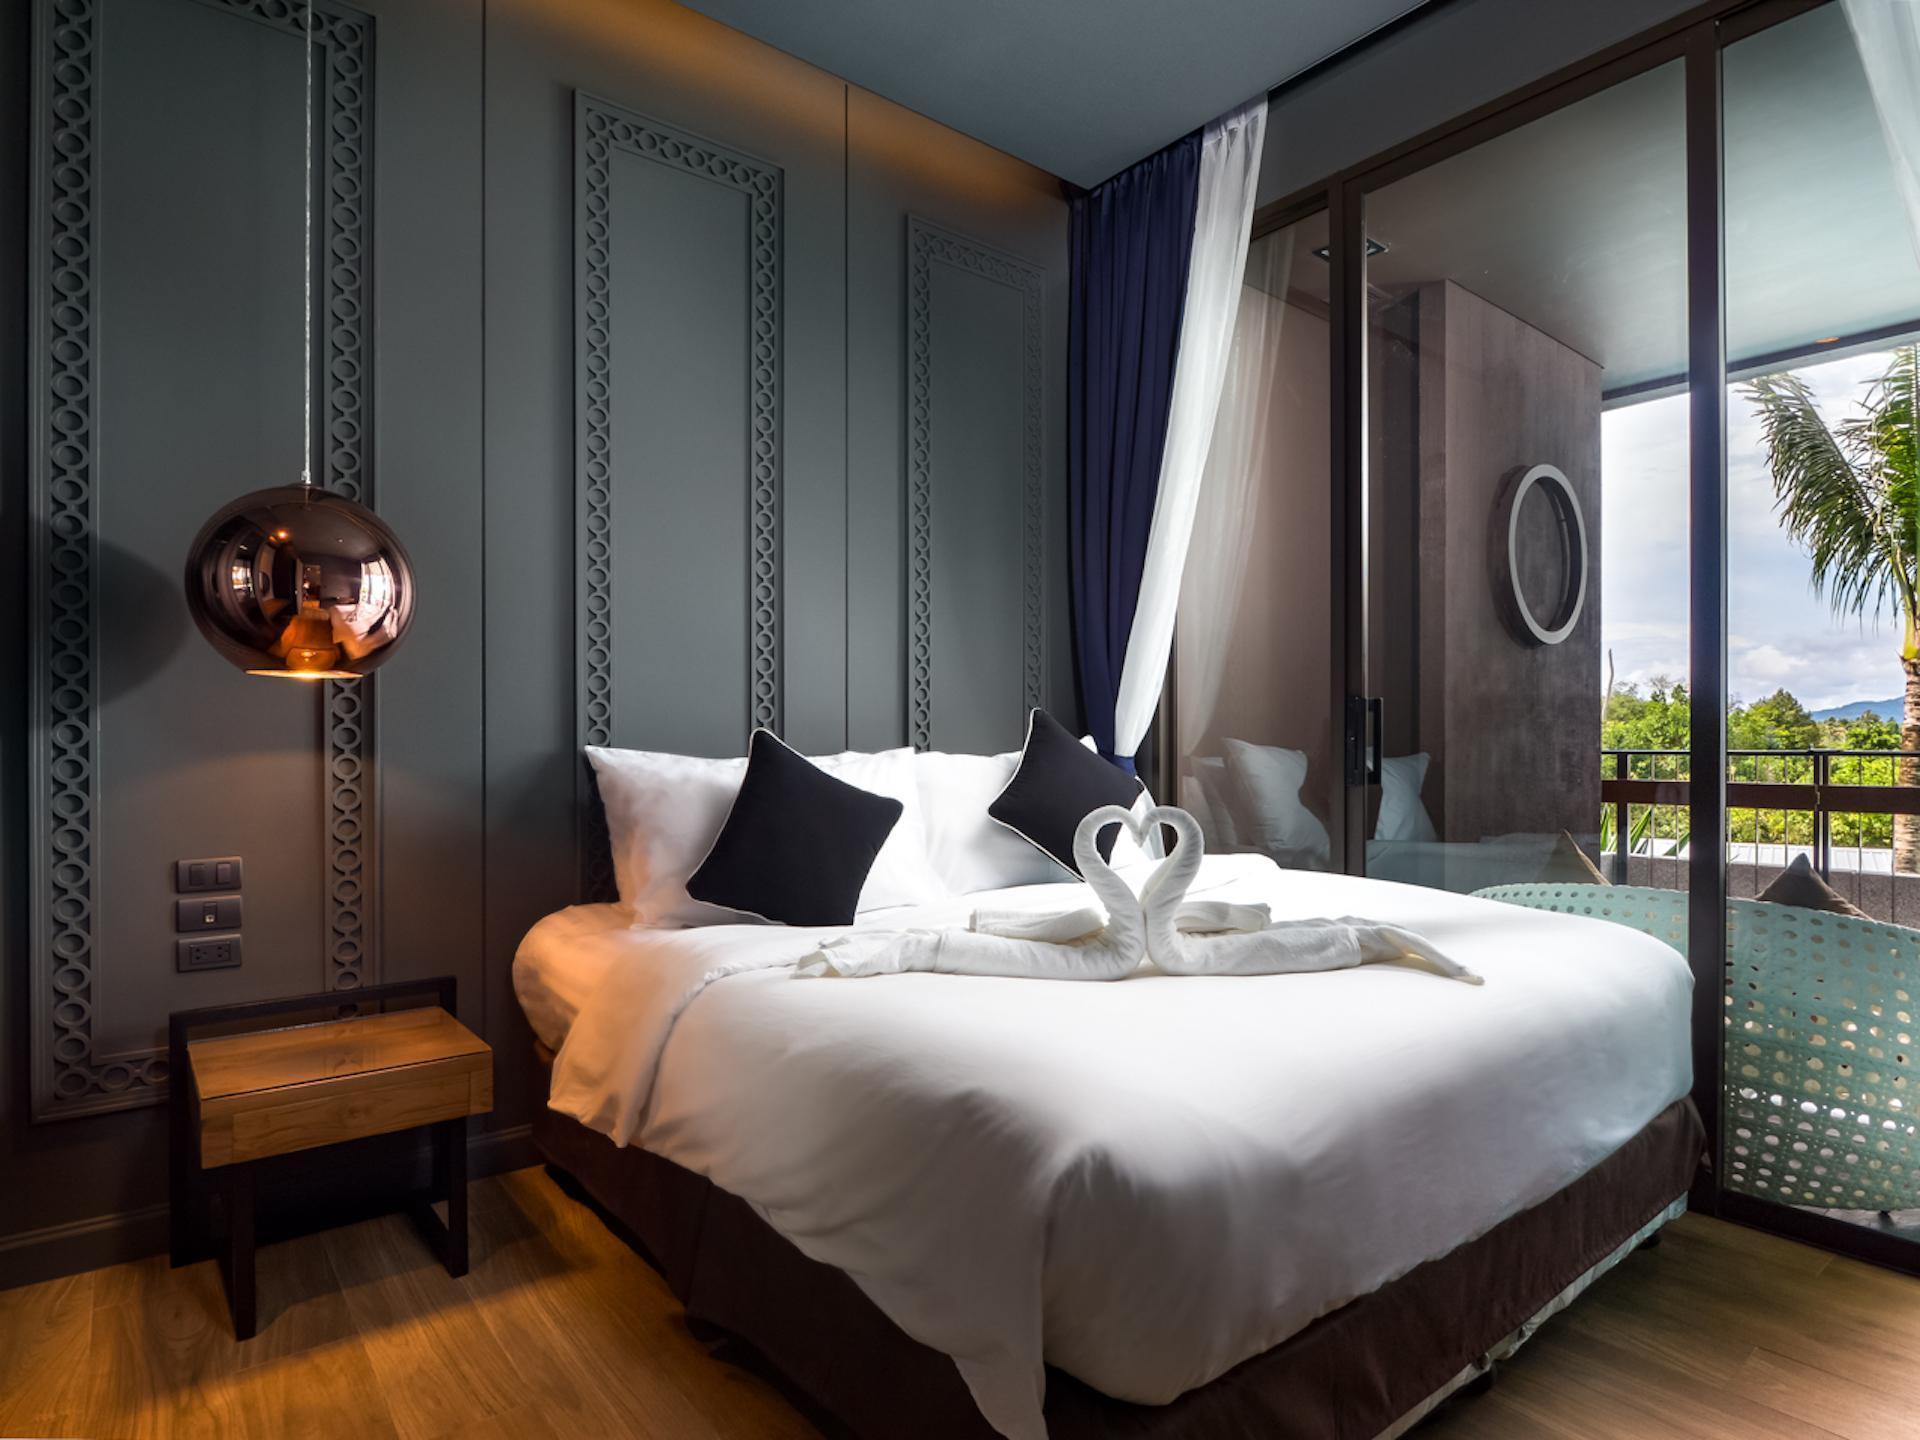 Perfect Pool Access Apartment With 1 Bedroom อพาร์ตเมนต์ 1 ห้องนอน 1 ห้องน้ำส่วนตัว ขนาด 57 ตร.ม. – หาดราไวย์